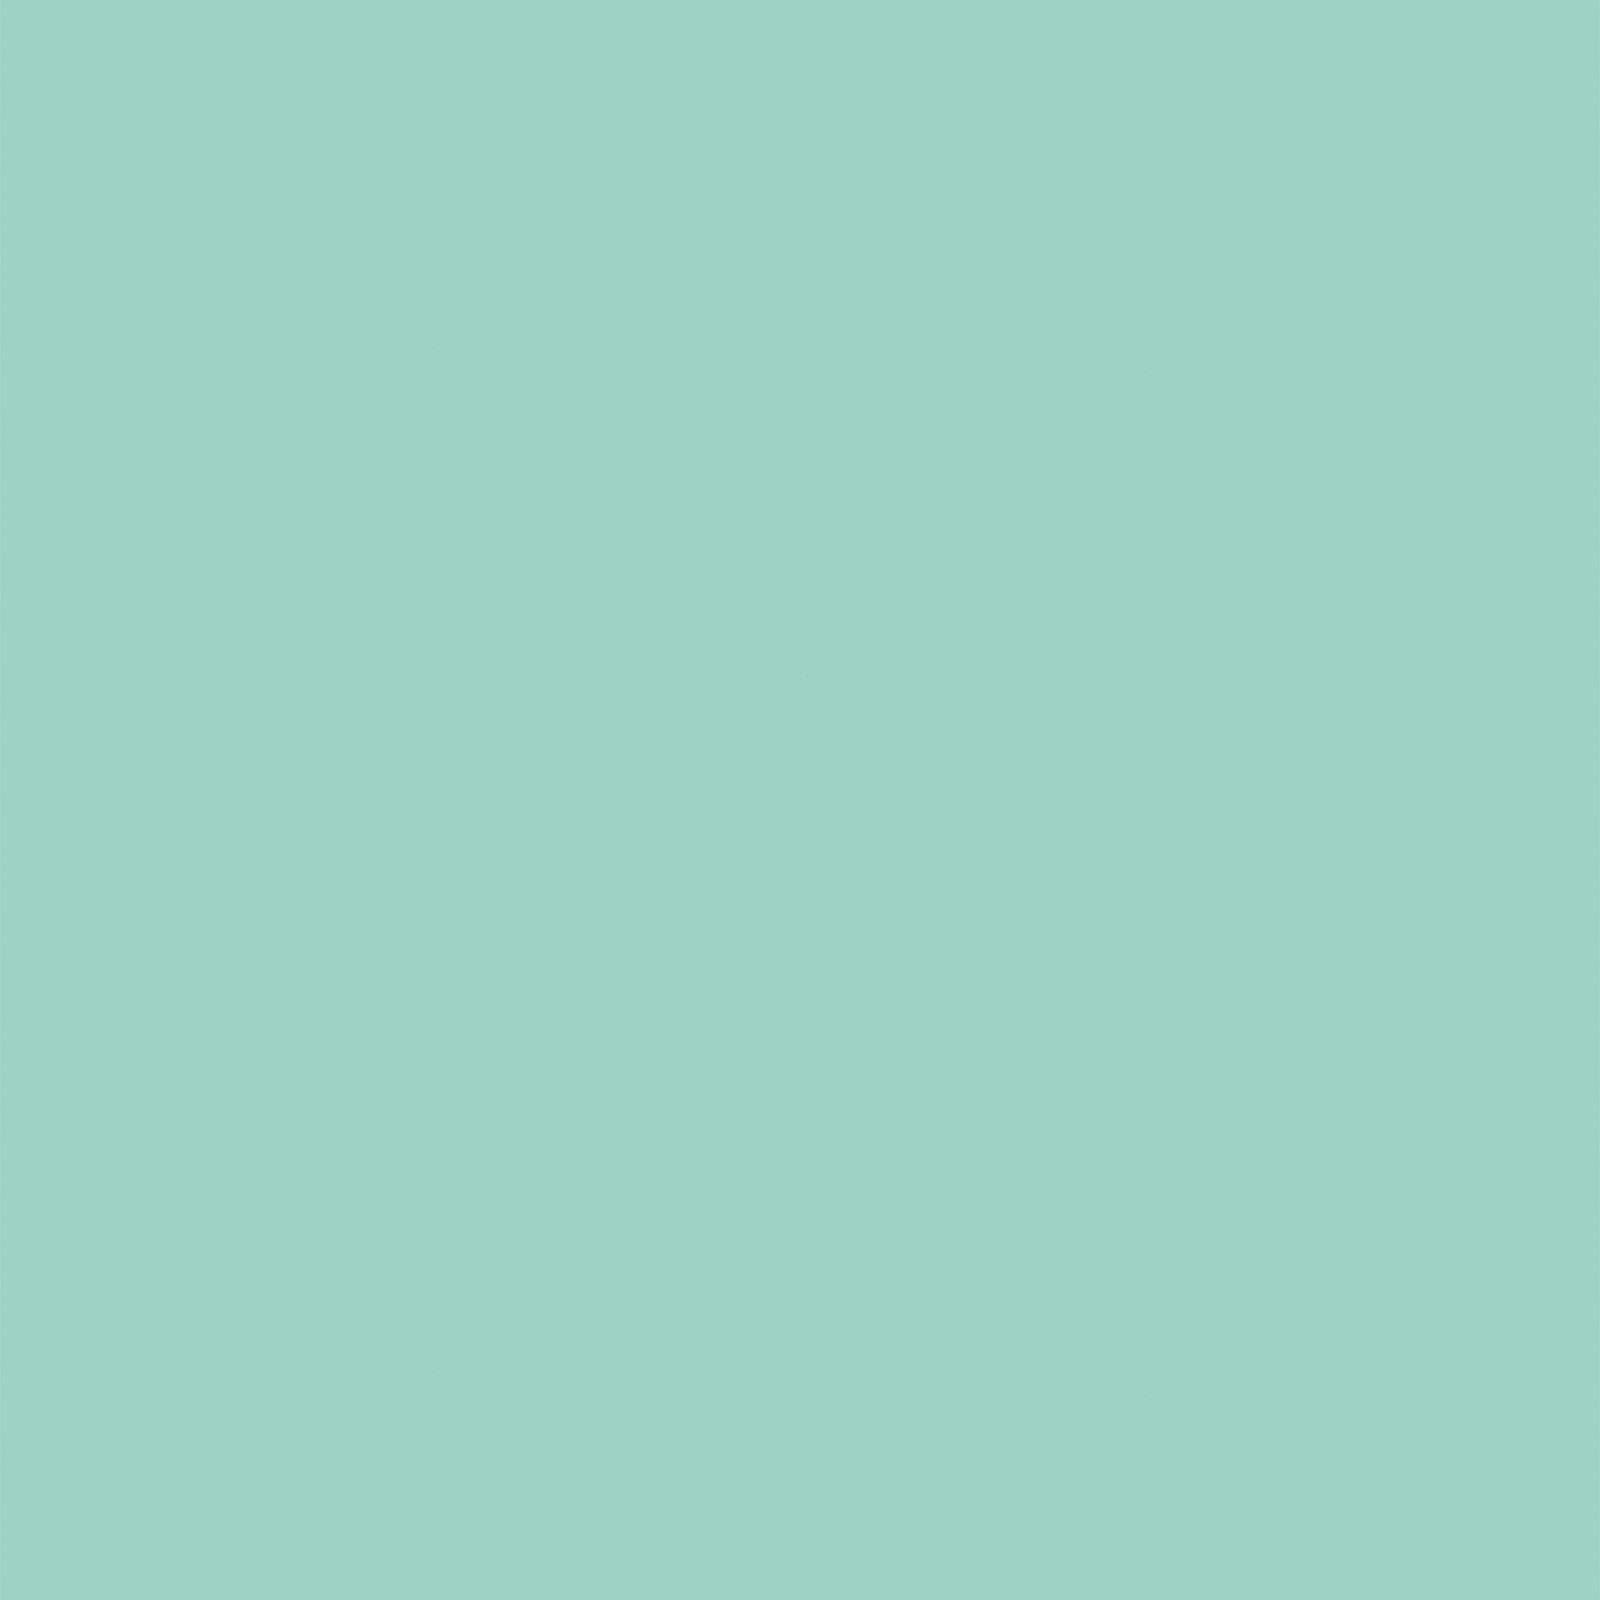 d-c fix Klebefolie - Lack mint - Uni - 45x200 cm